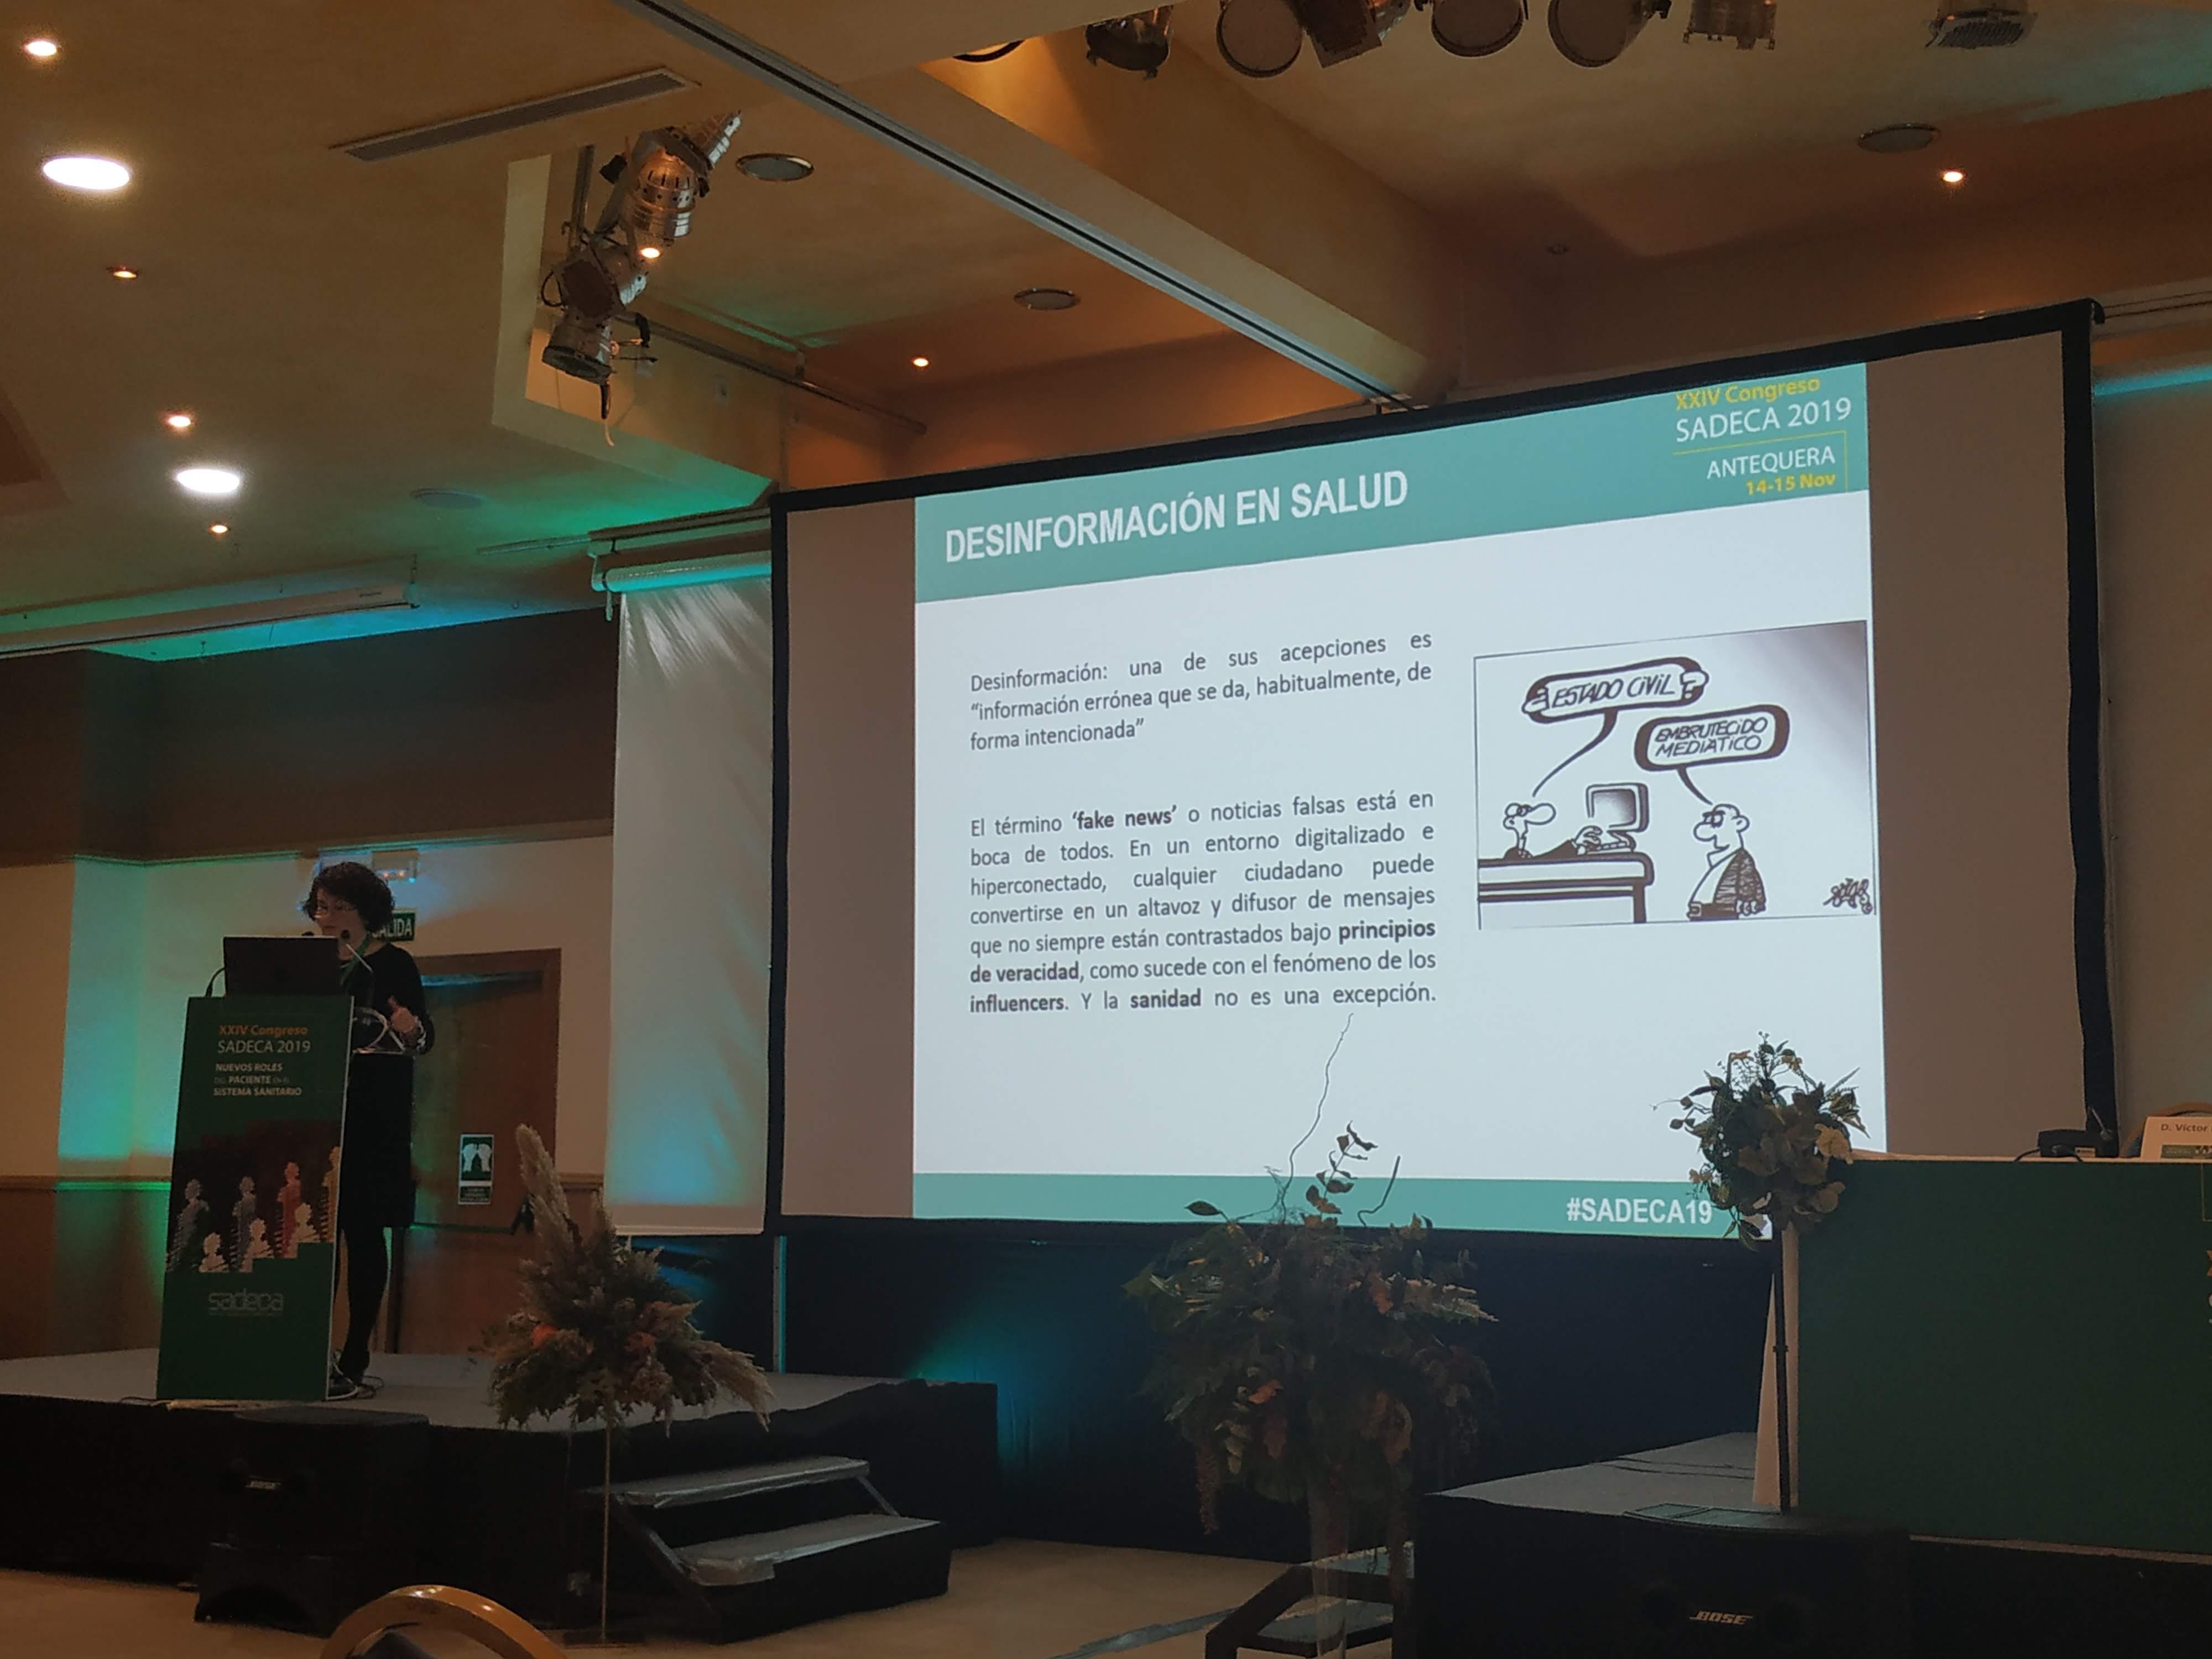 sadeca2 - El XXIV Congreso SADECA analiza los nuevos roles de los pacientes en el sistema